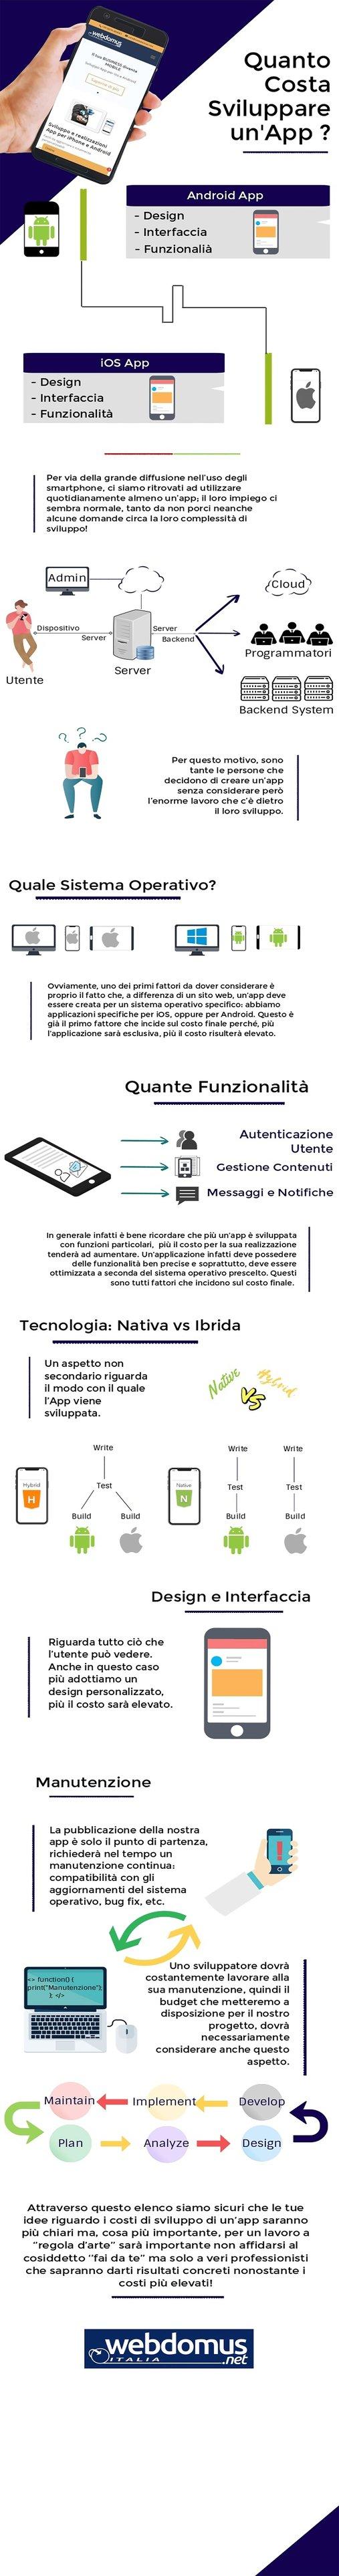 Infografica Sviluppo App - Elementi da Considerare!